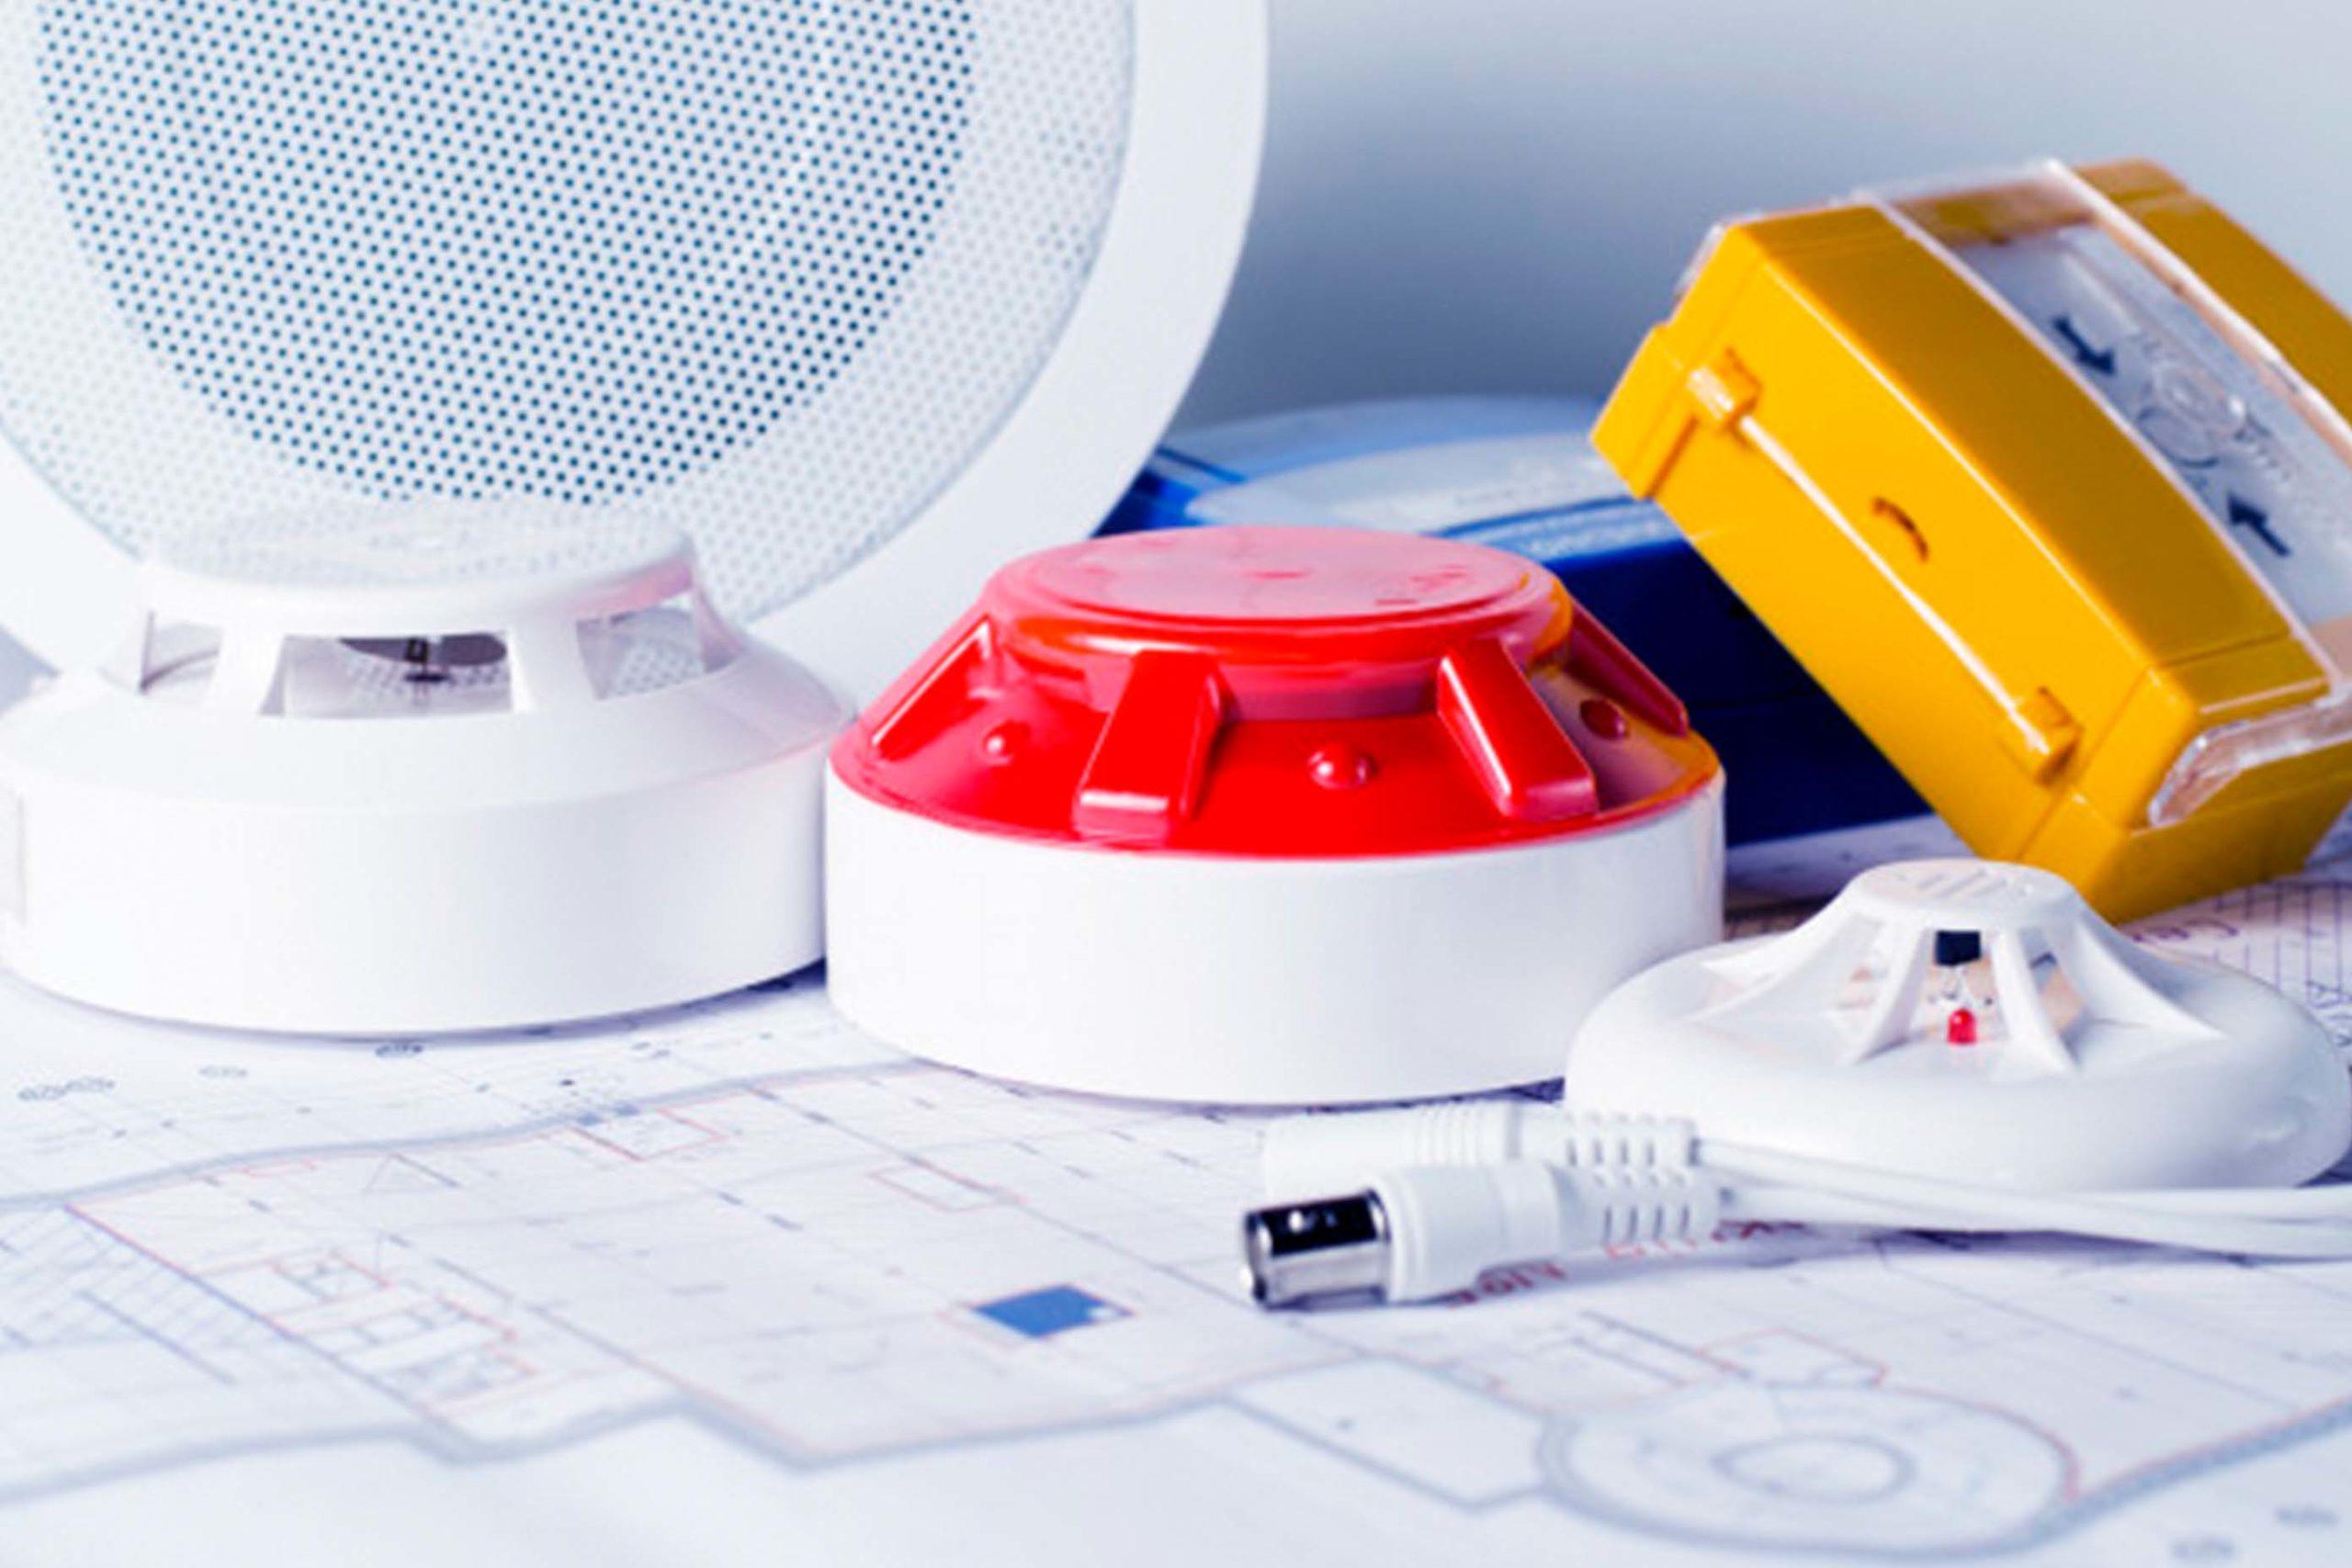 Монтаж, техническое обслуживание и ремонт средств обеспечения пожарной безопасности зданий и сооружений, включая диспетчеризацию и проведение пусконаладочных работ